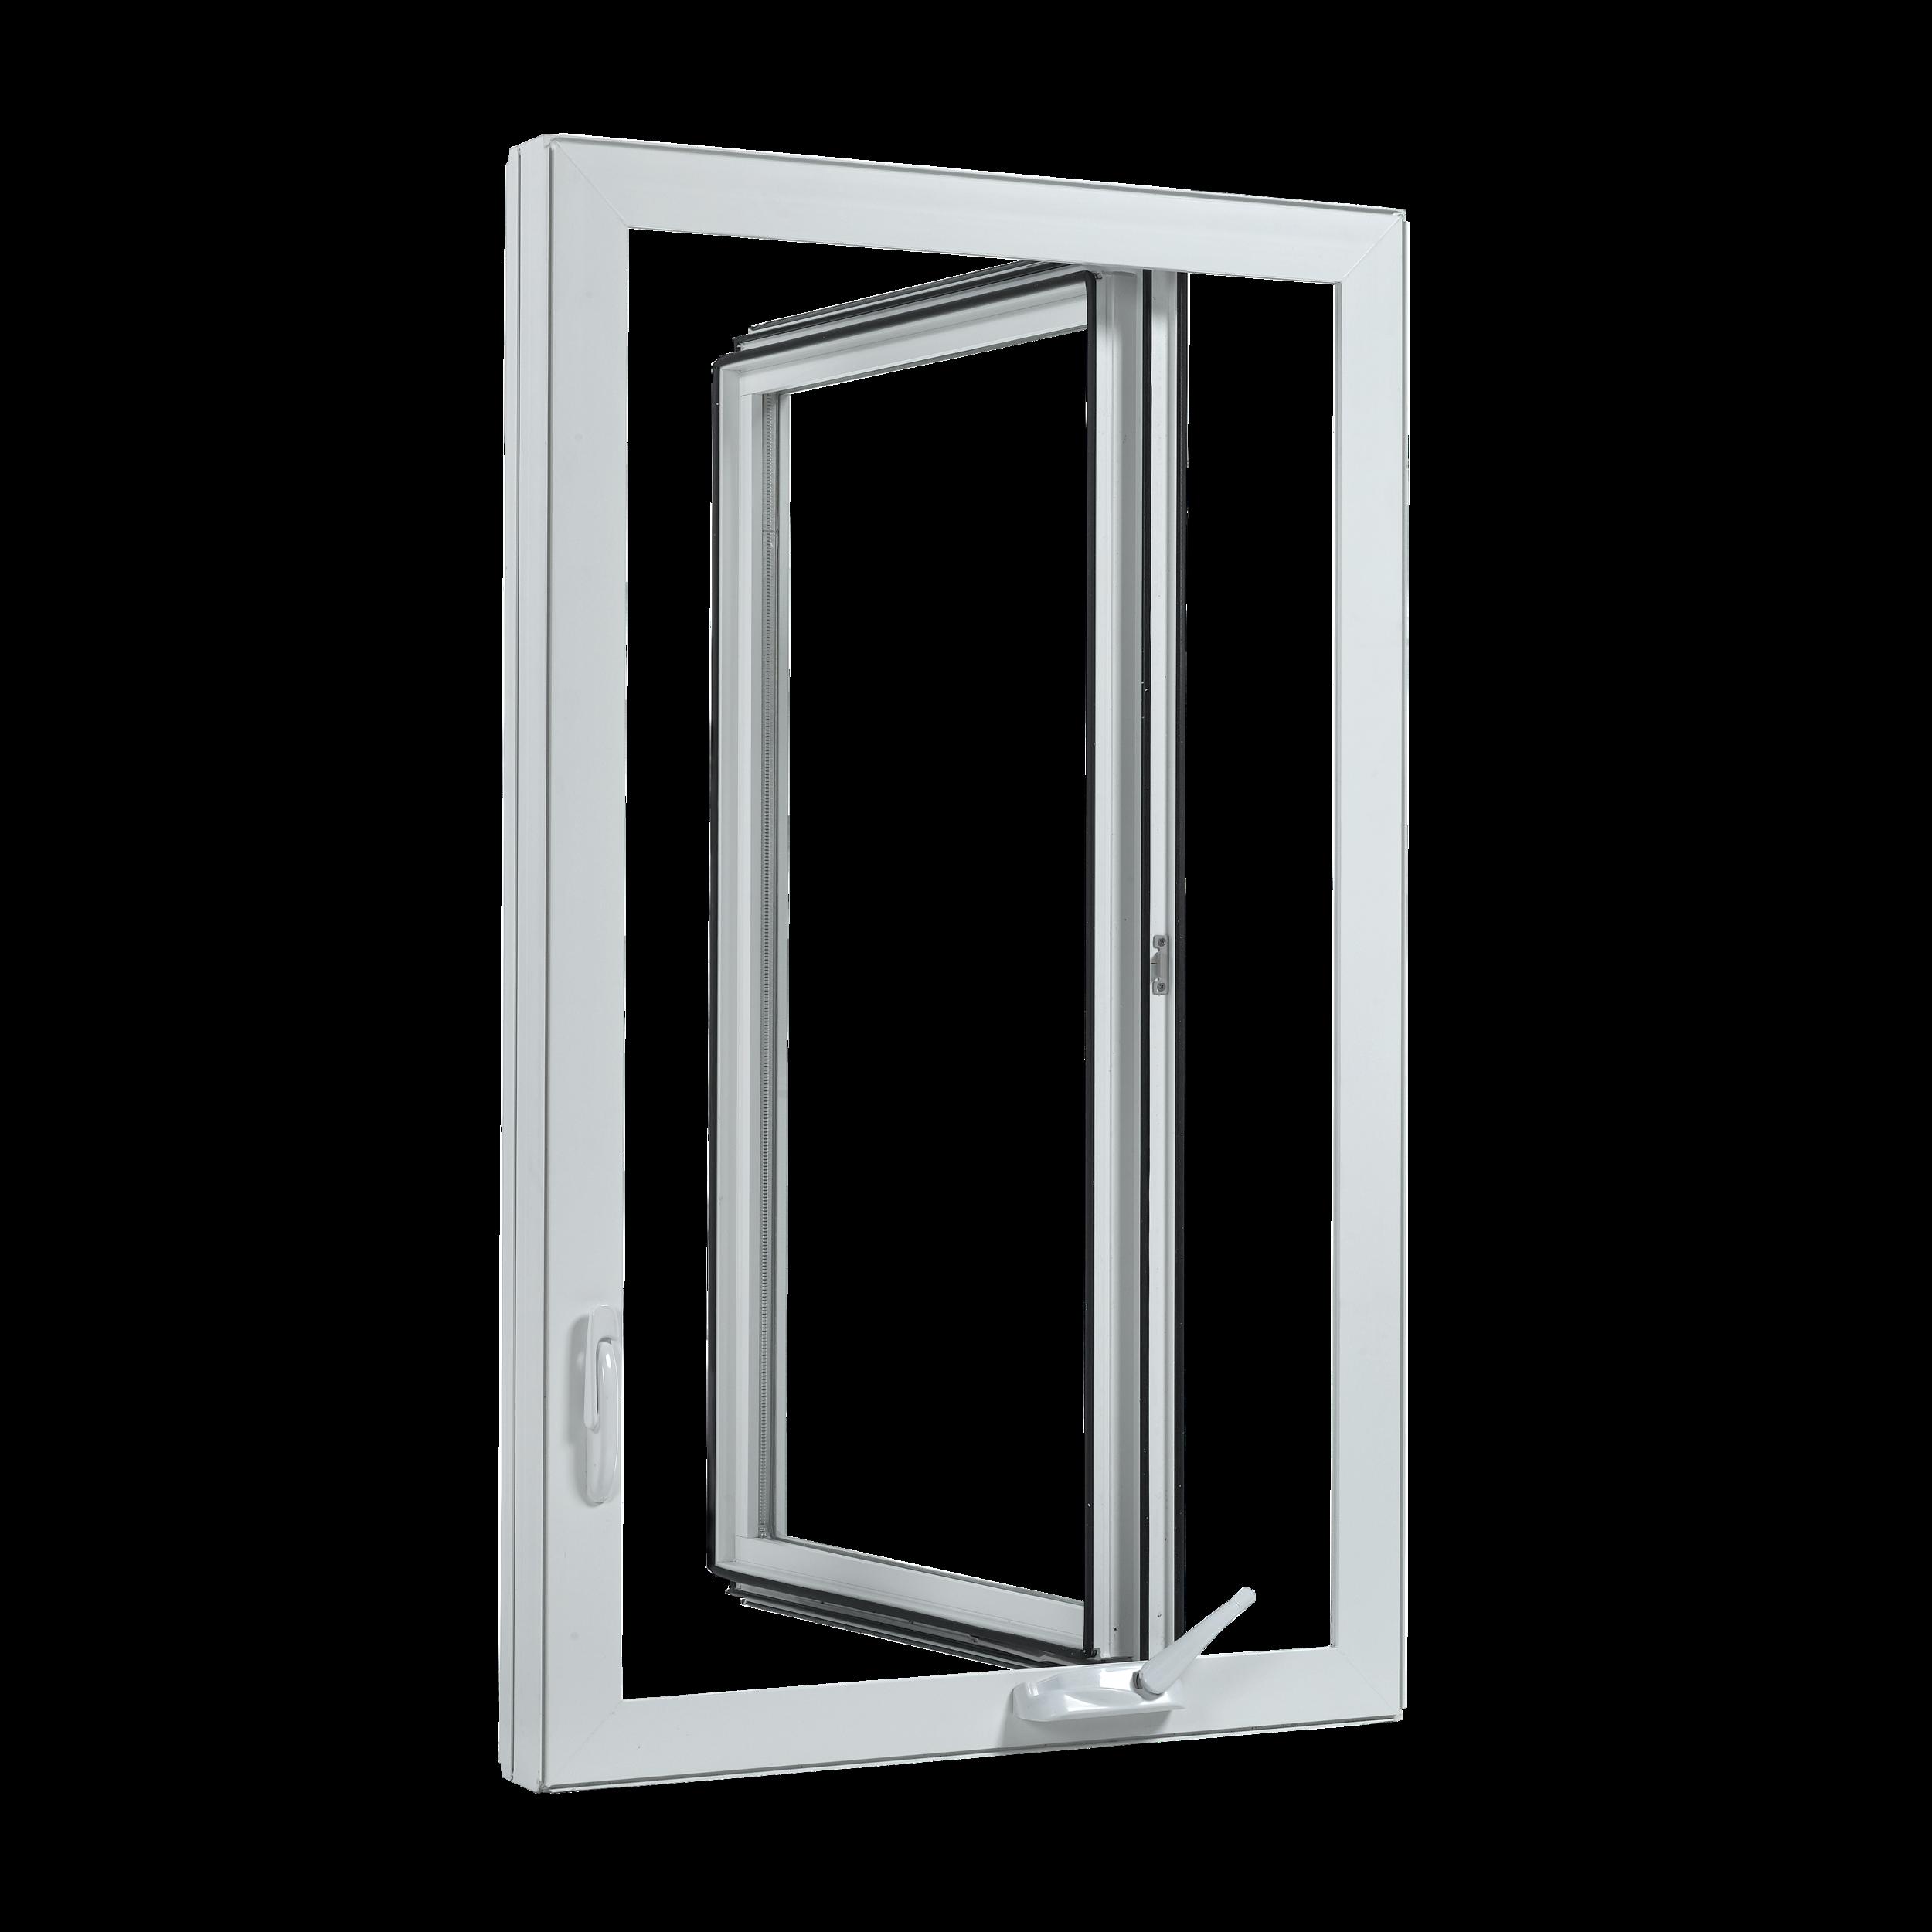 Wallside Windows Casement Window